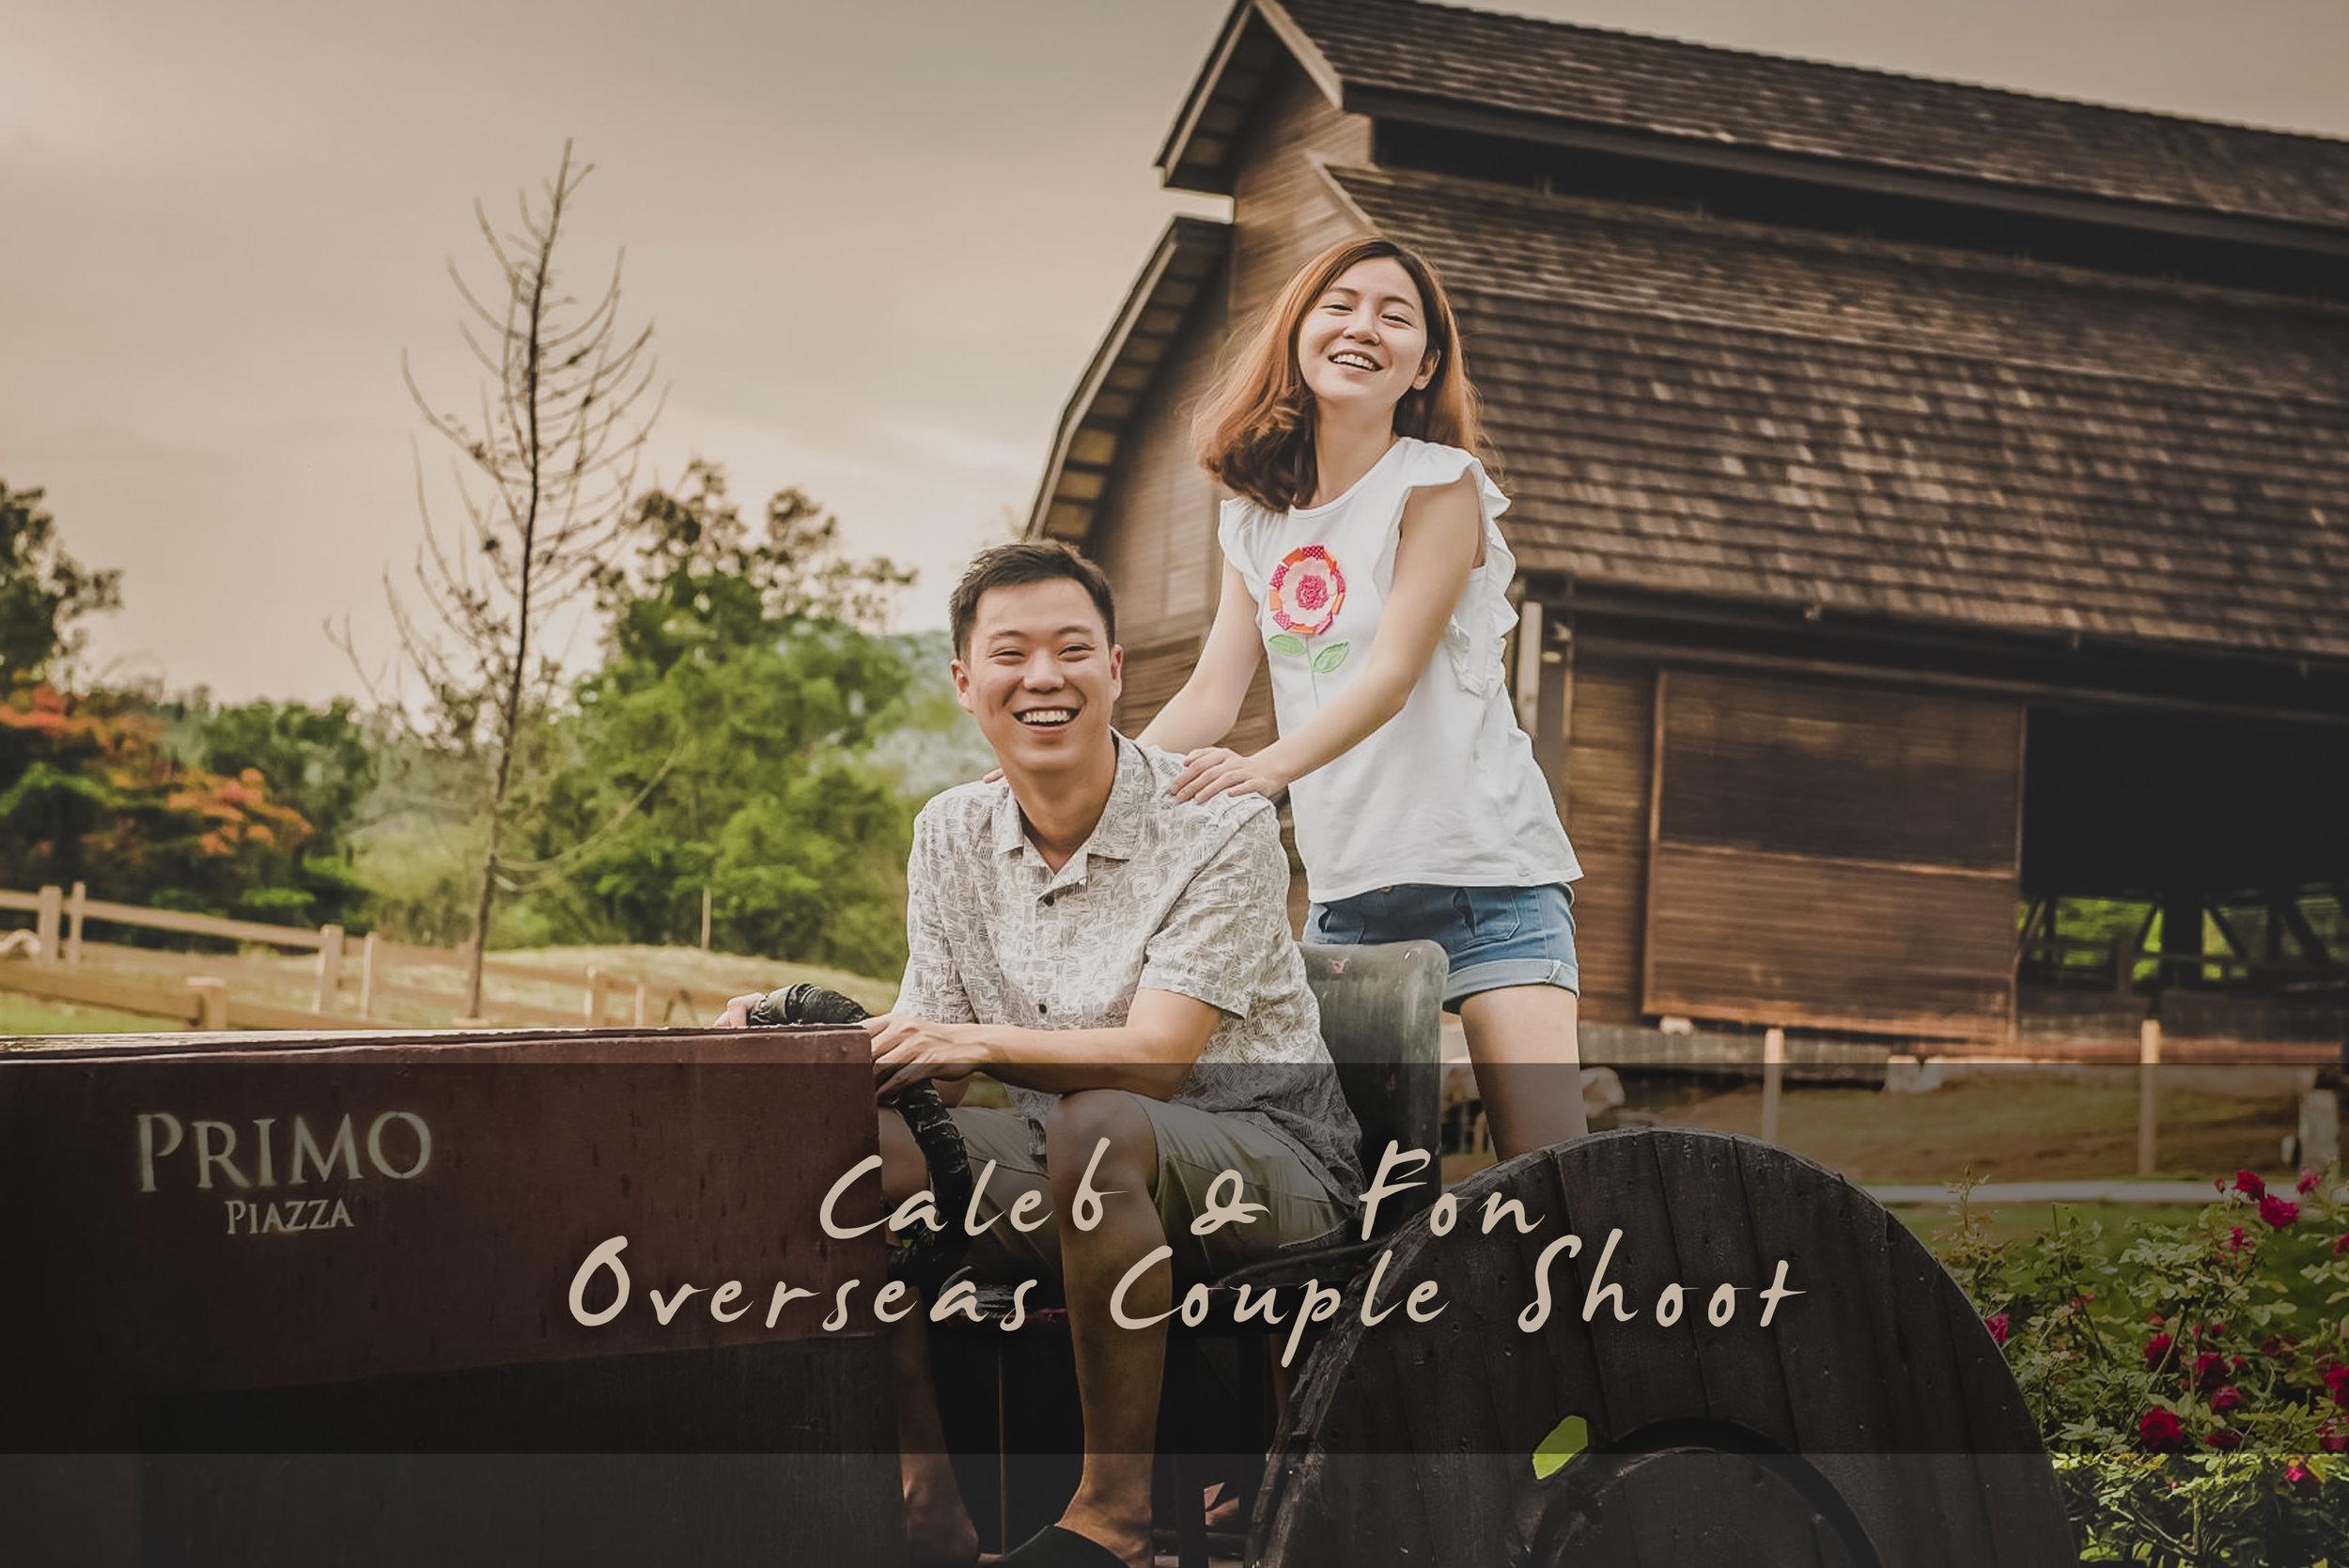 Caleb & Fon Overseas Couple Shoot